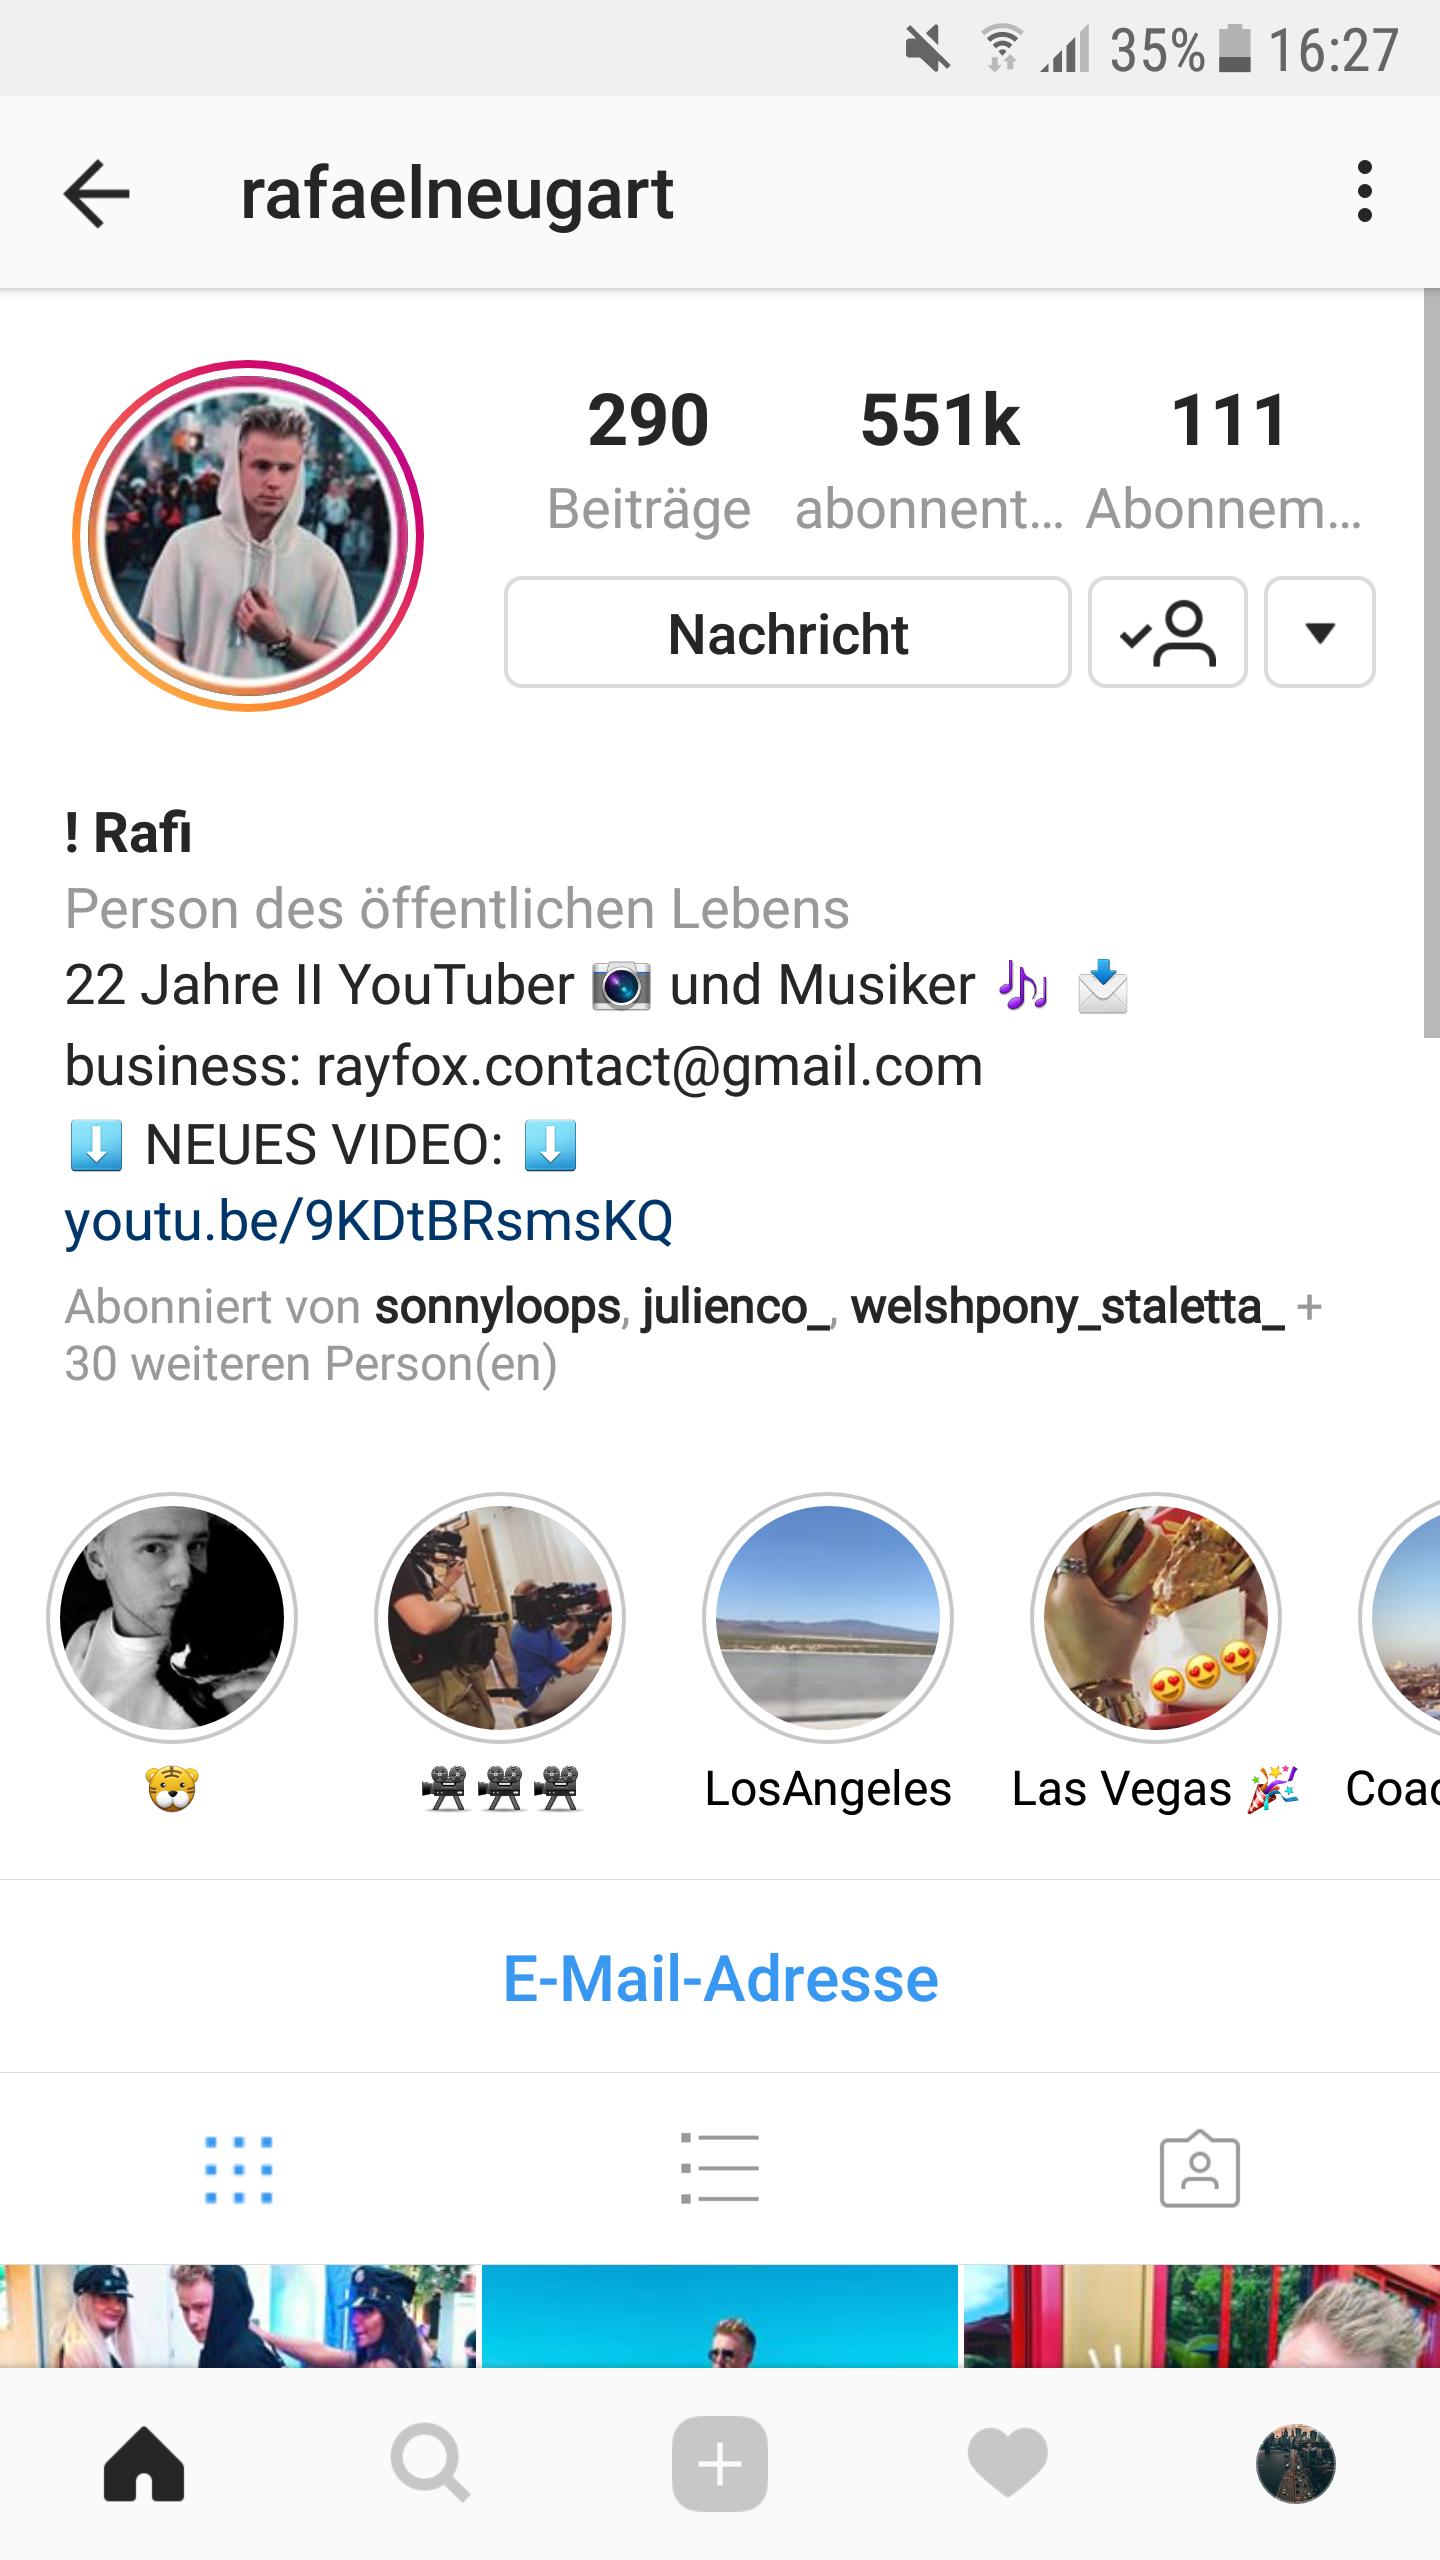 Doppelter Instagram Ring um Profilbild? (Bilder, Foto, Photoshop)